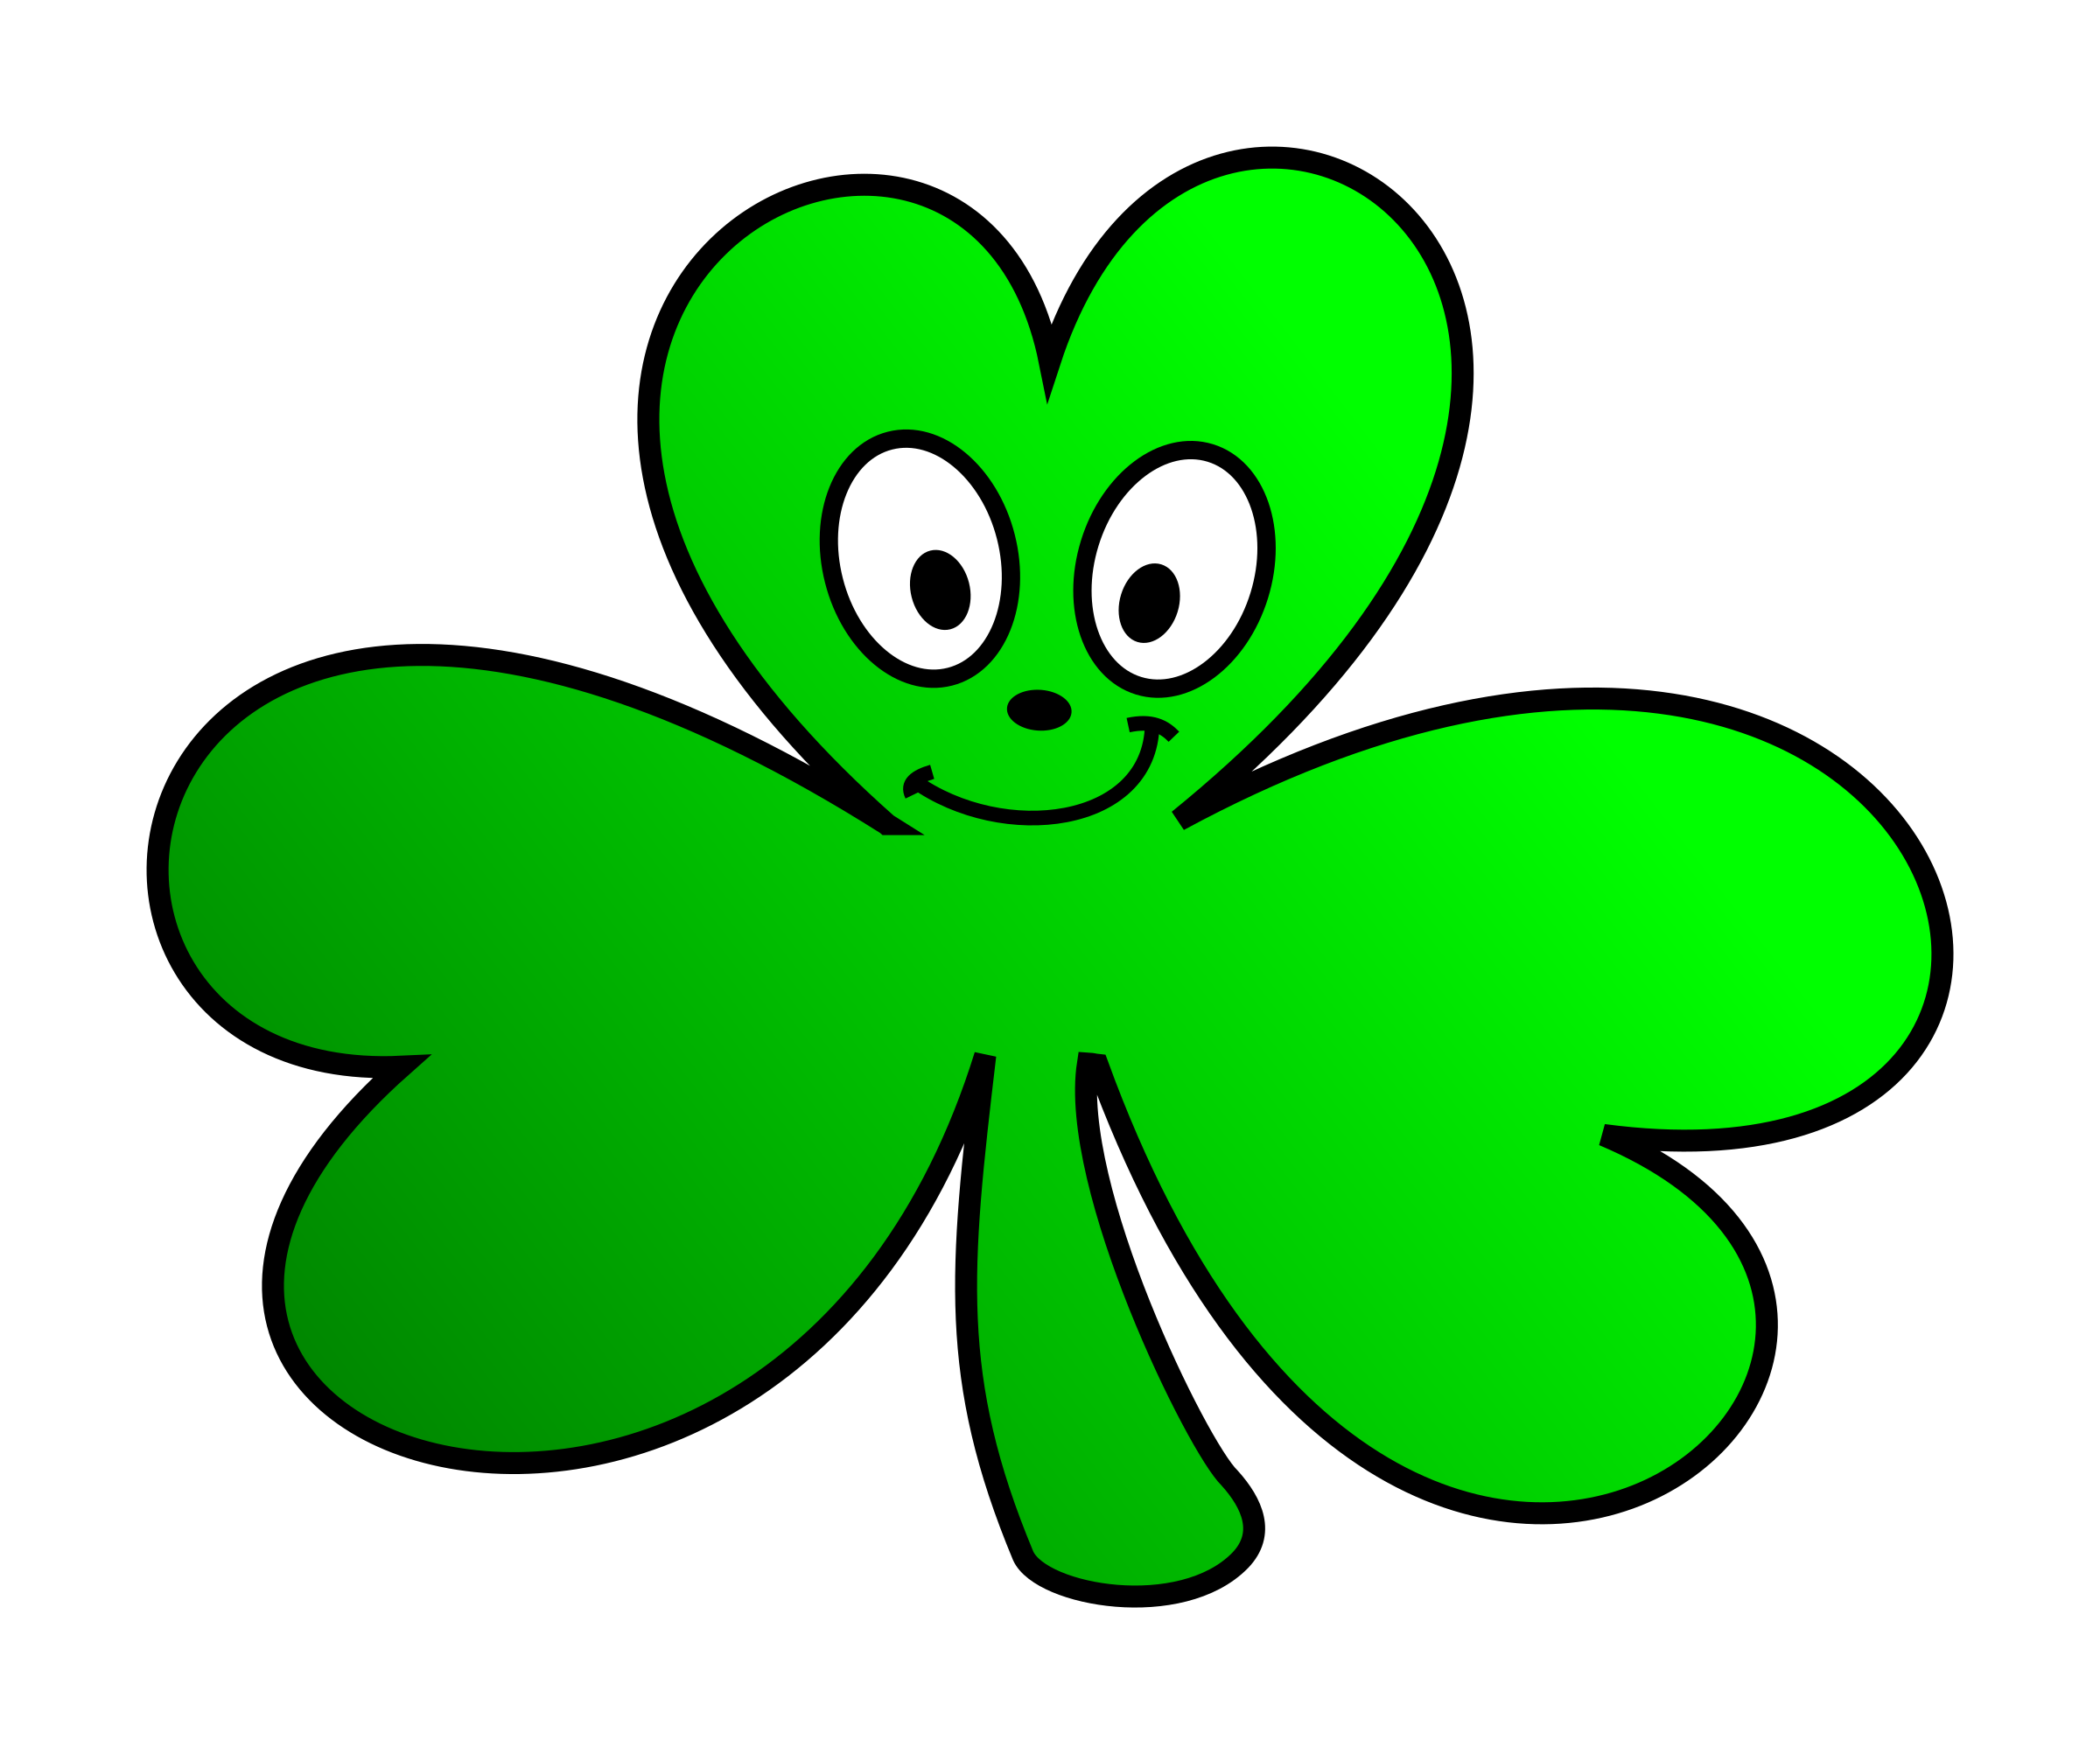 Green shamrock cartoon face. Clover clipart little